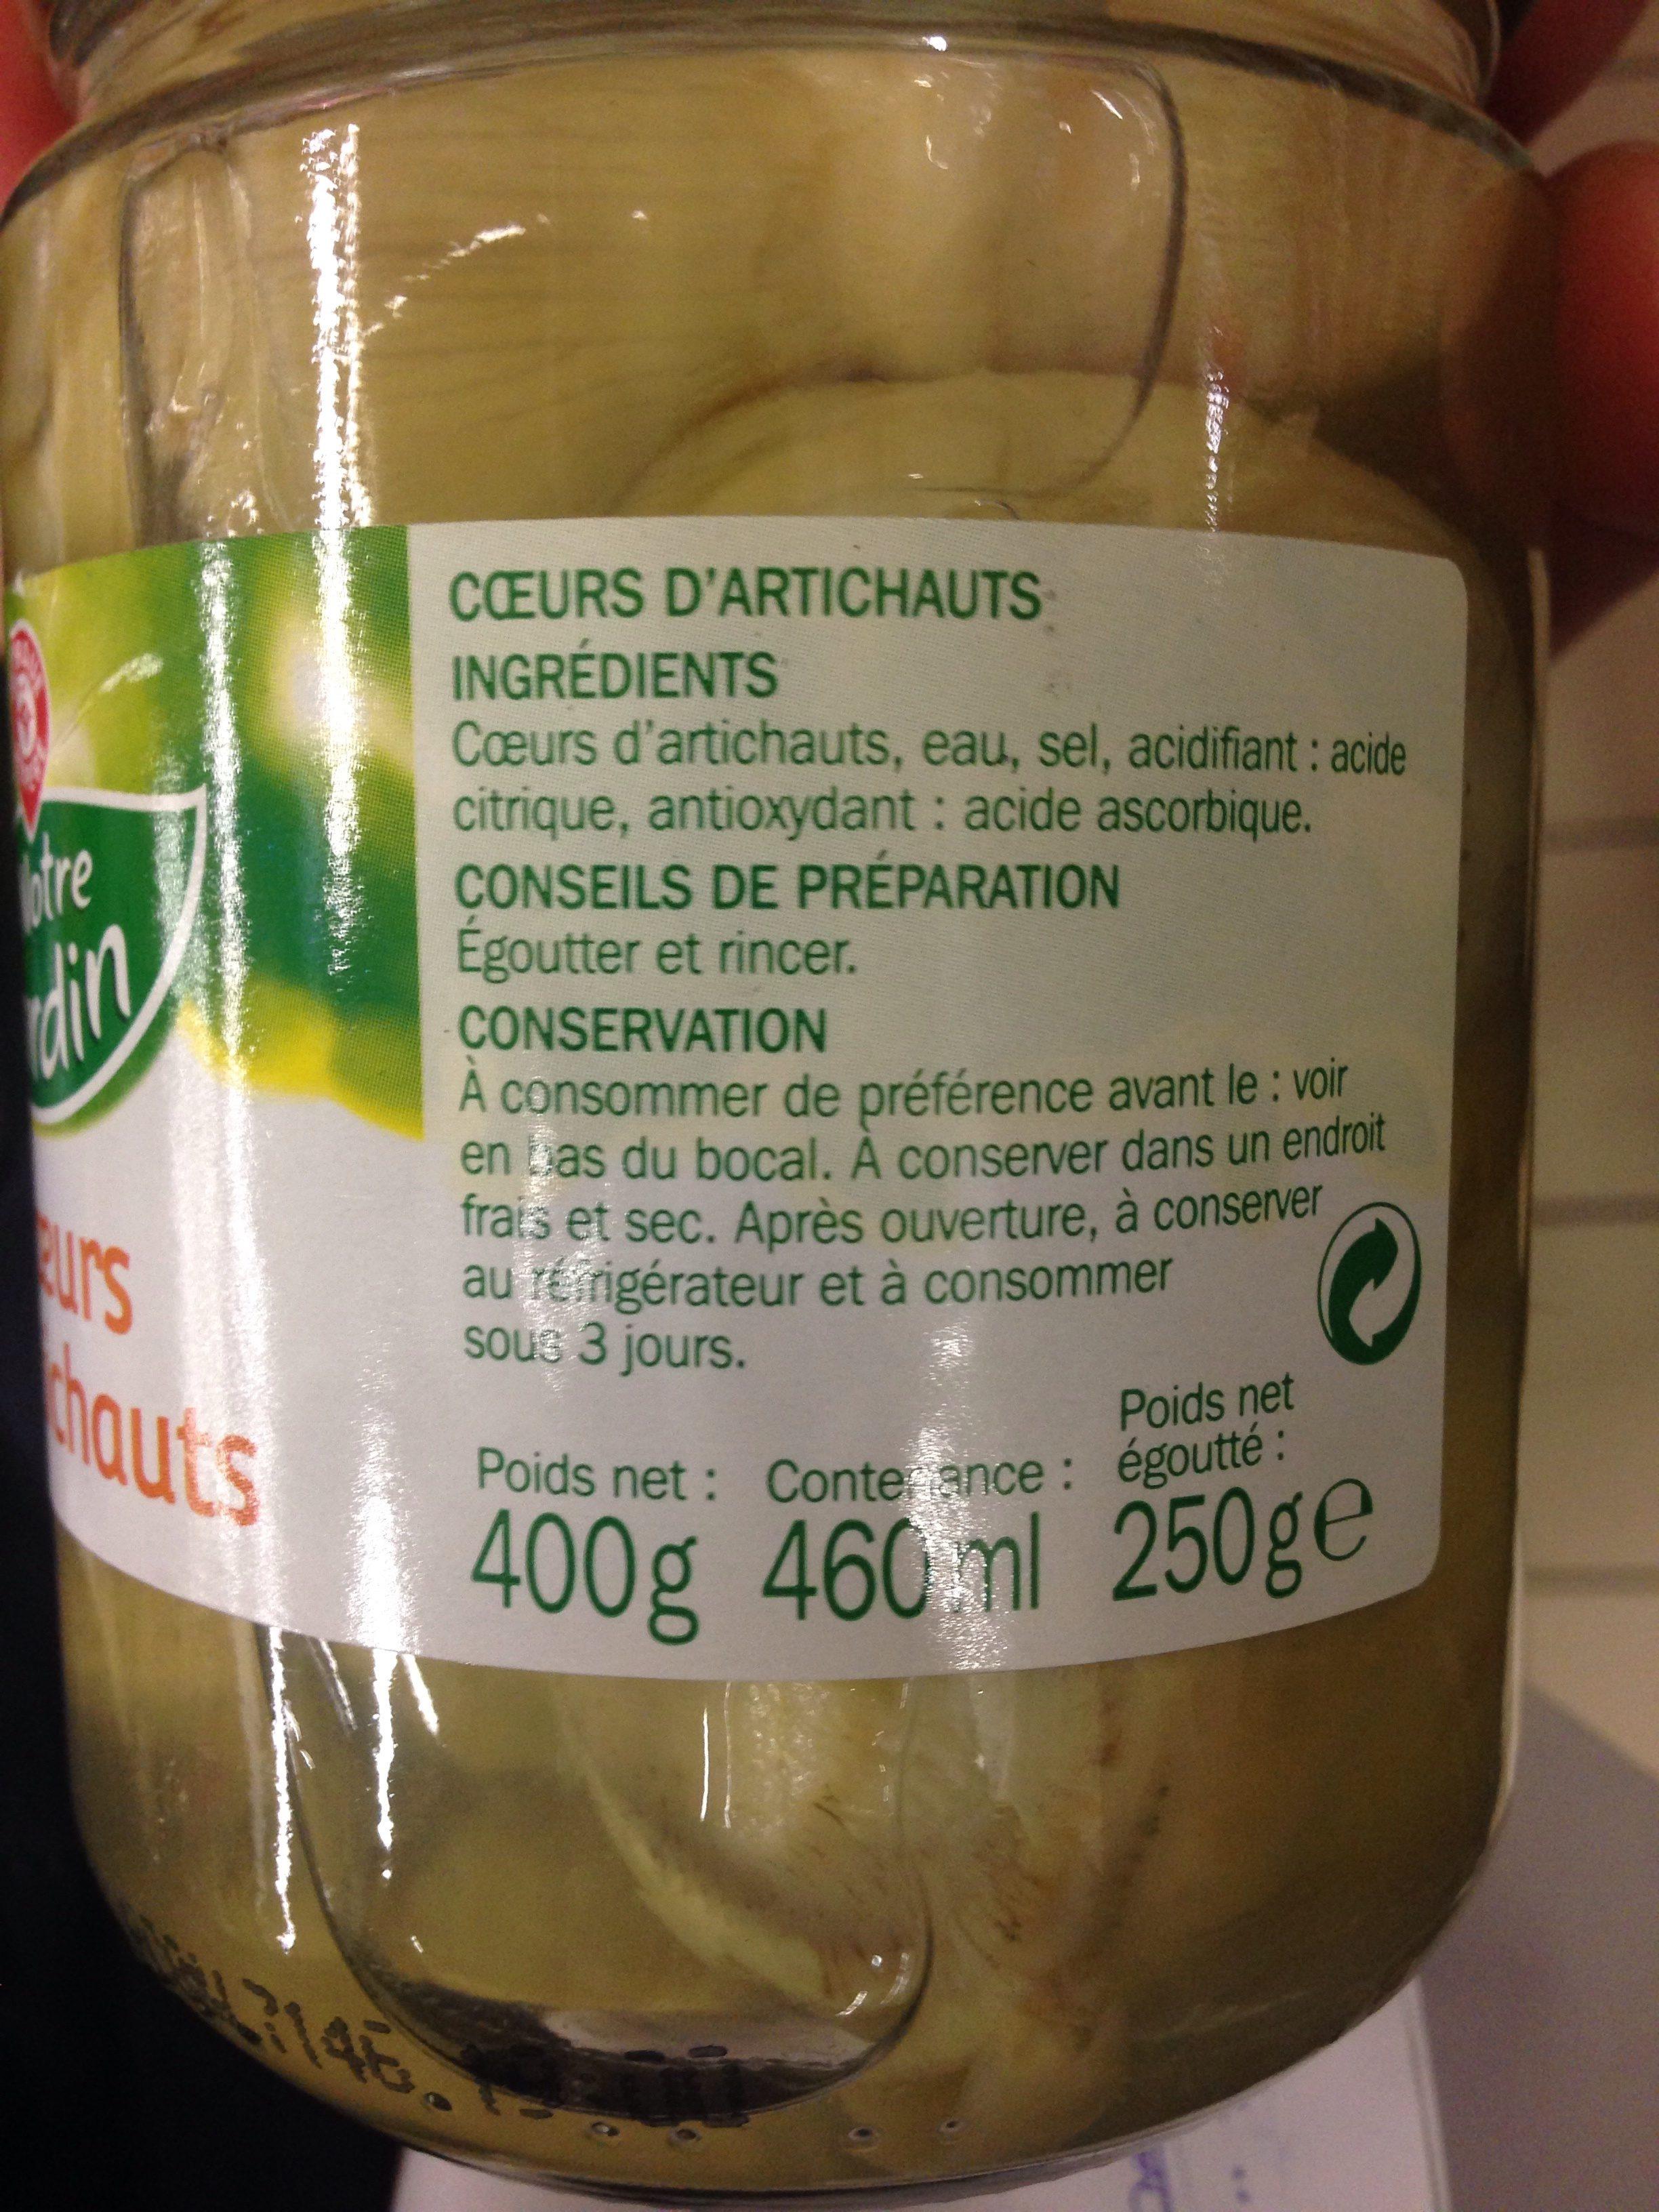 Coeurs d'artichauts - Ingrédients - fr